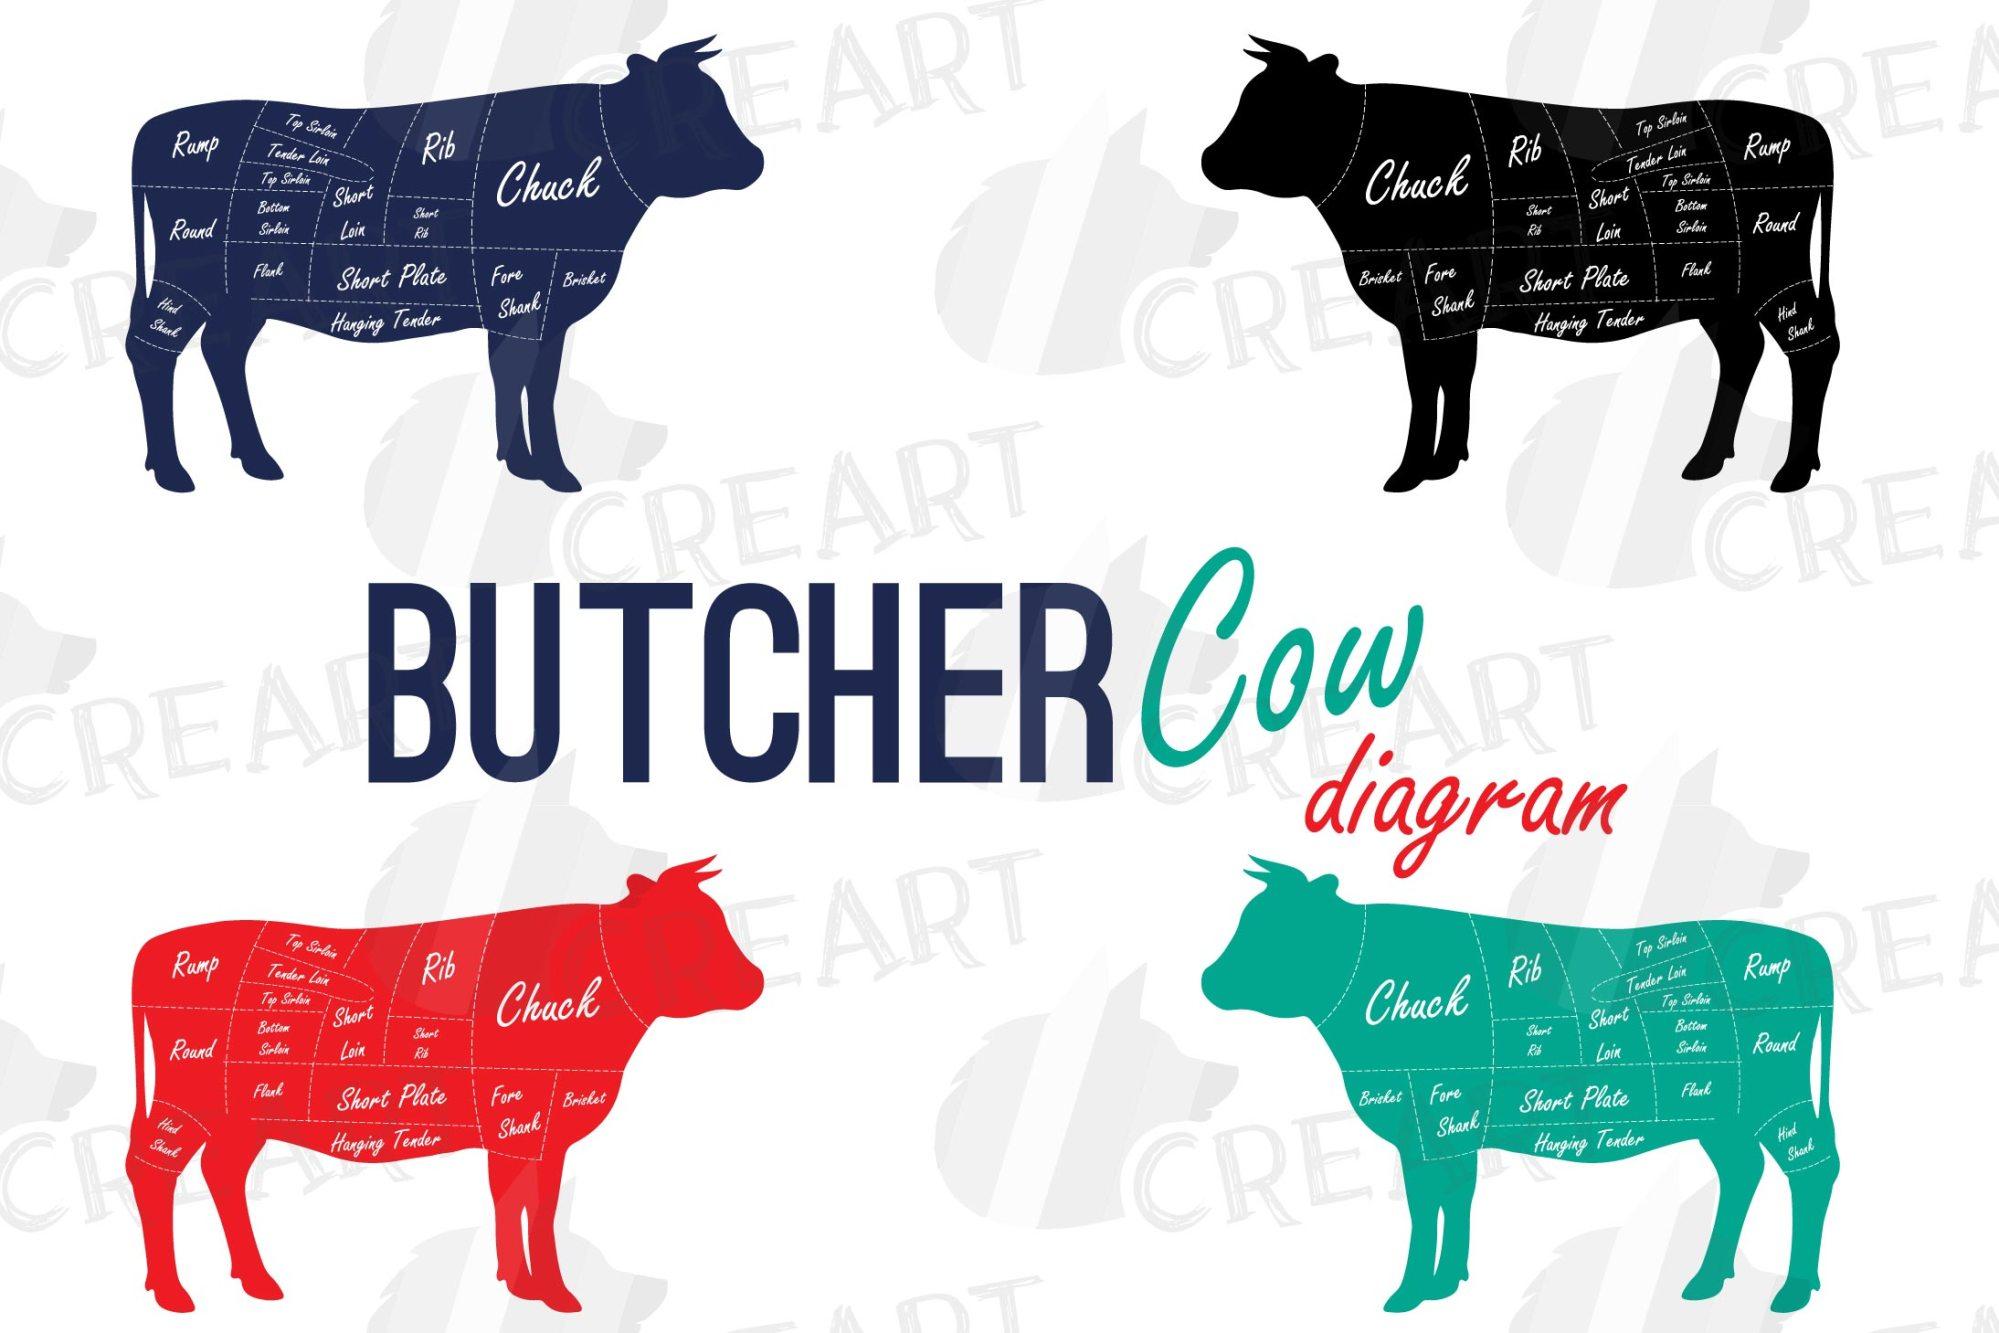 hight resolution of butcher diagram clip art digital cow diagram beef cuts diabutcher diagram clip art